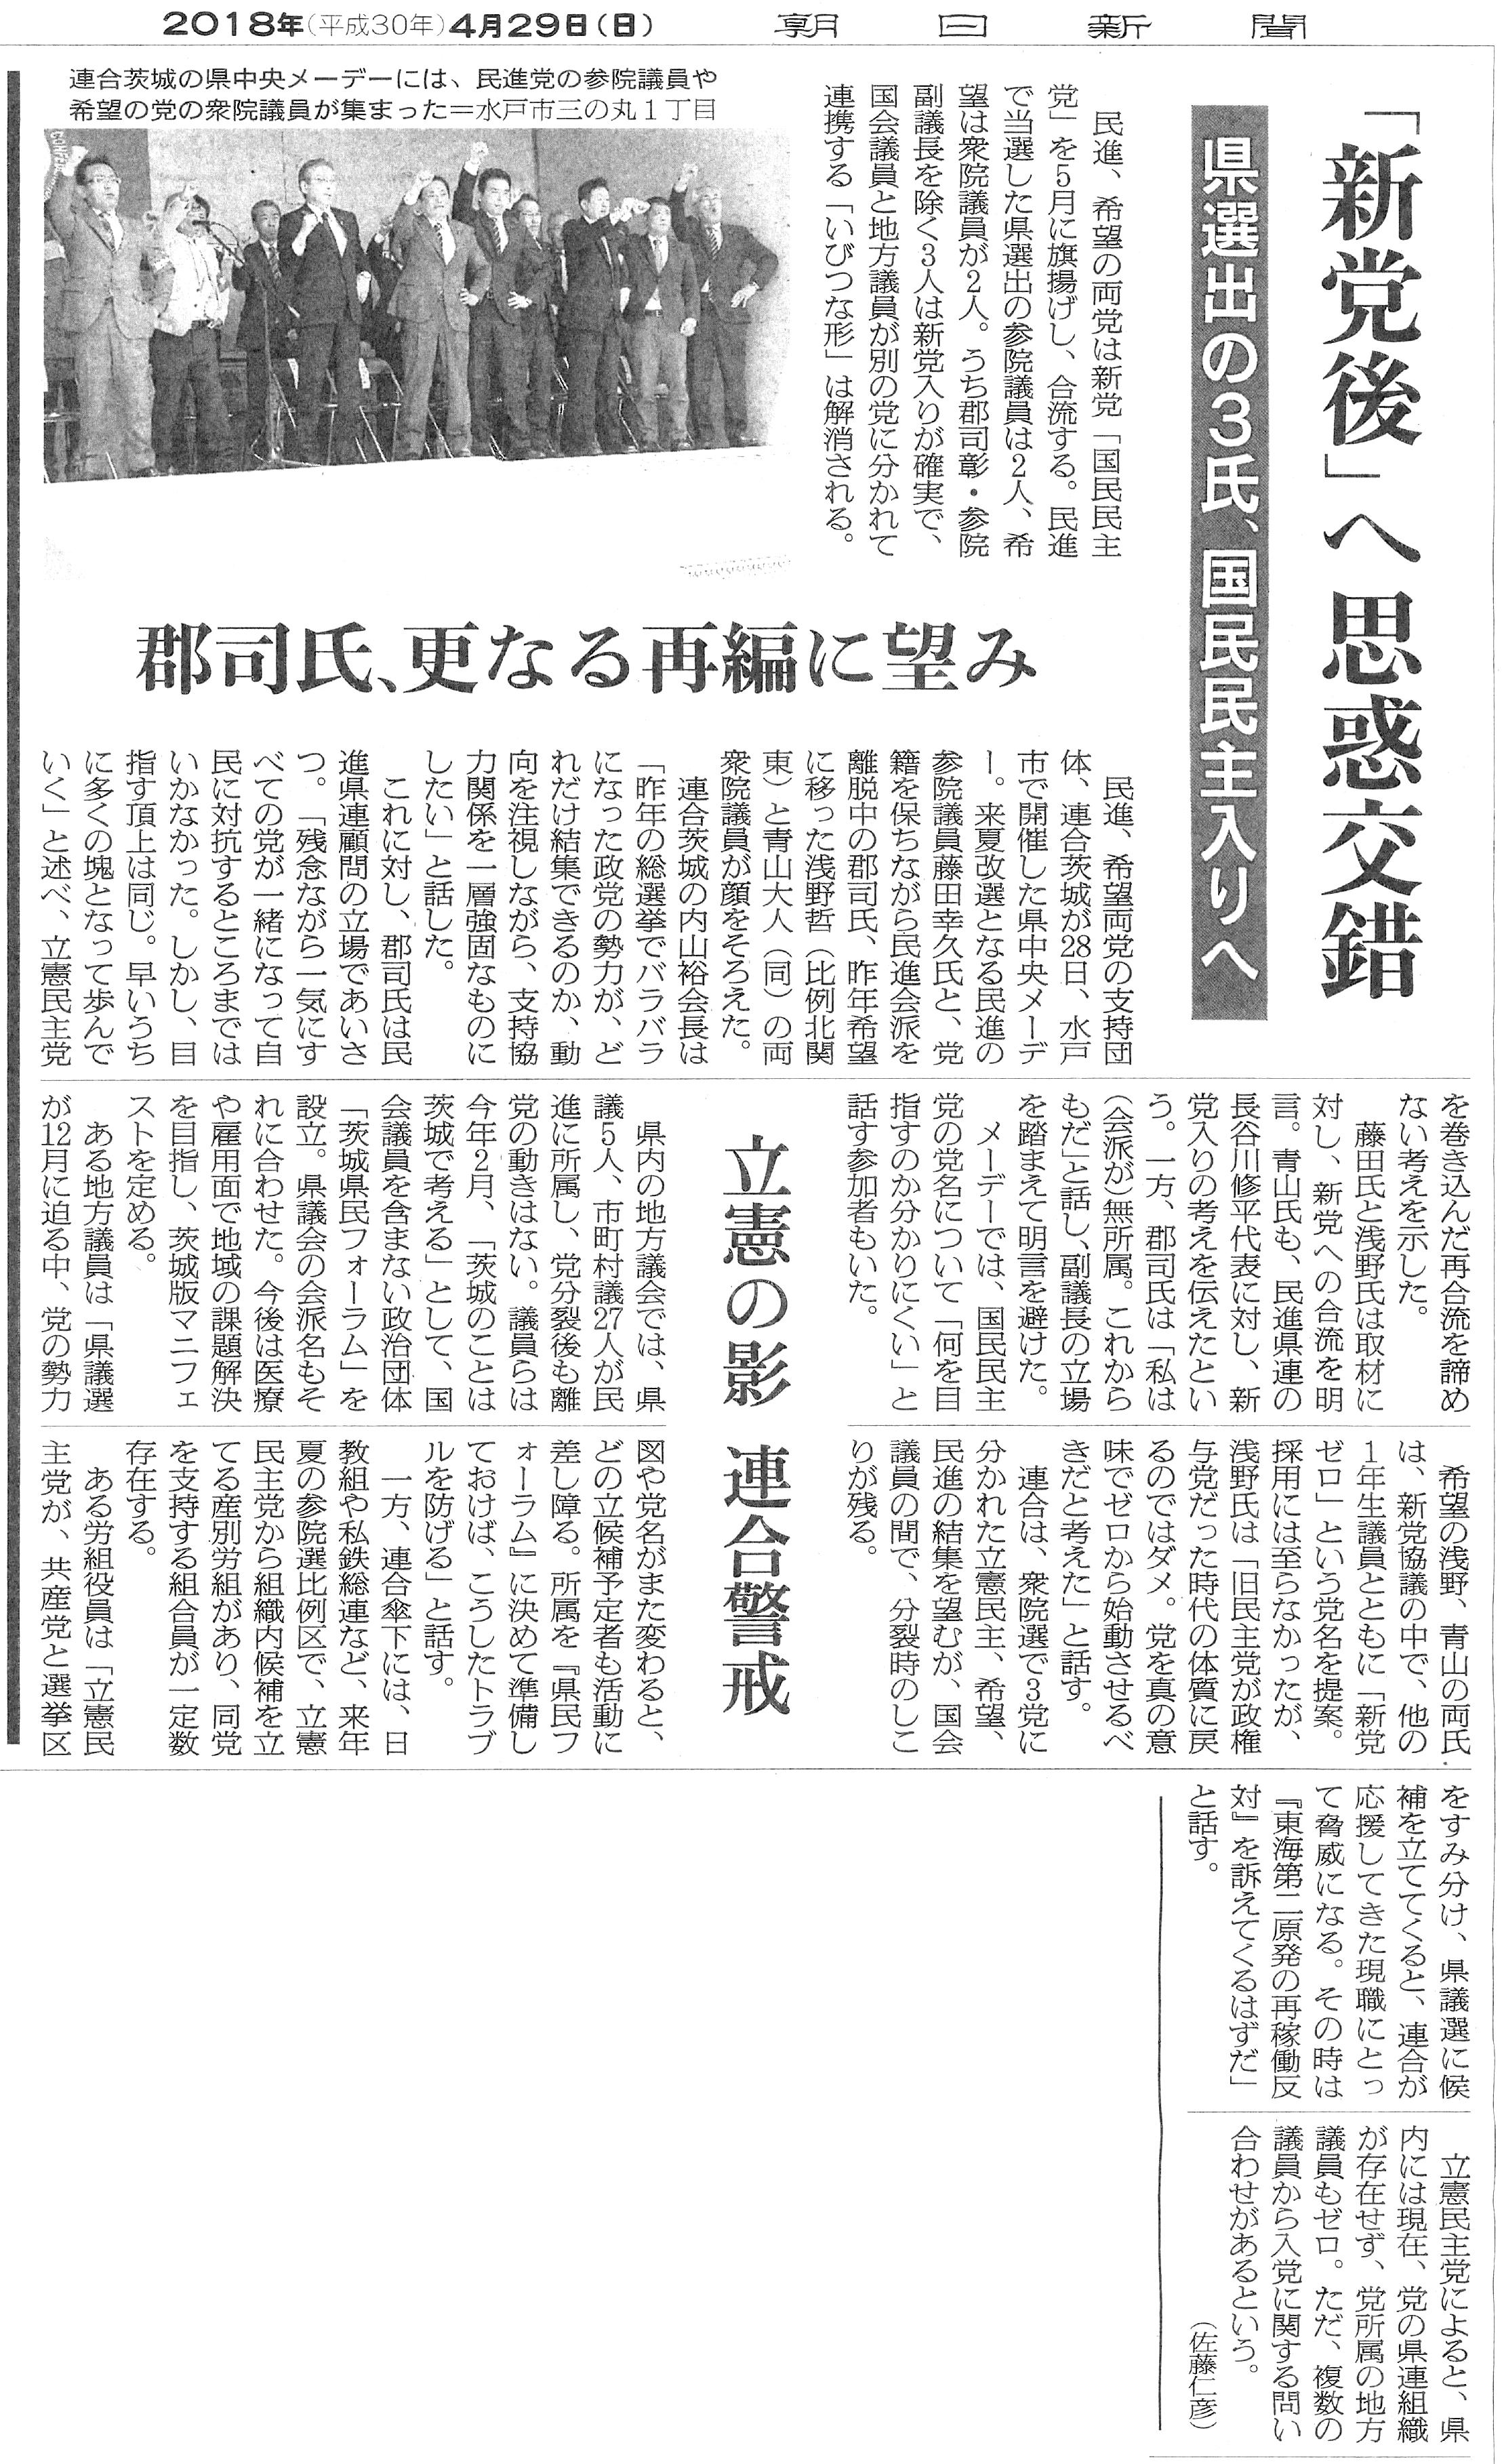 【朝日新聞】「新党後」へ思惑交錯 県選出の3氏、国民民主へ